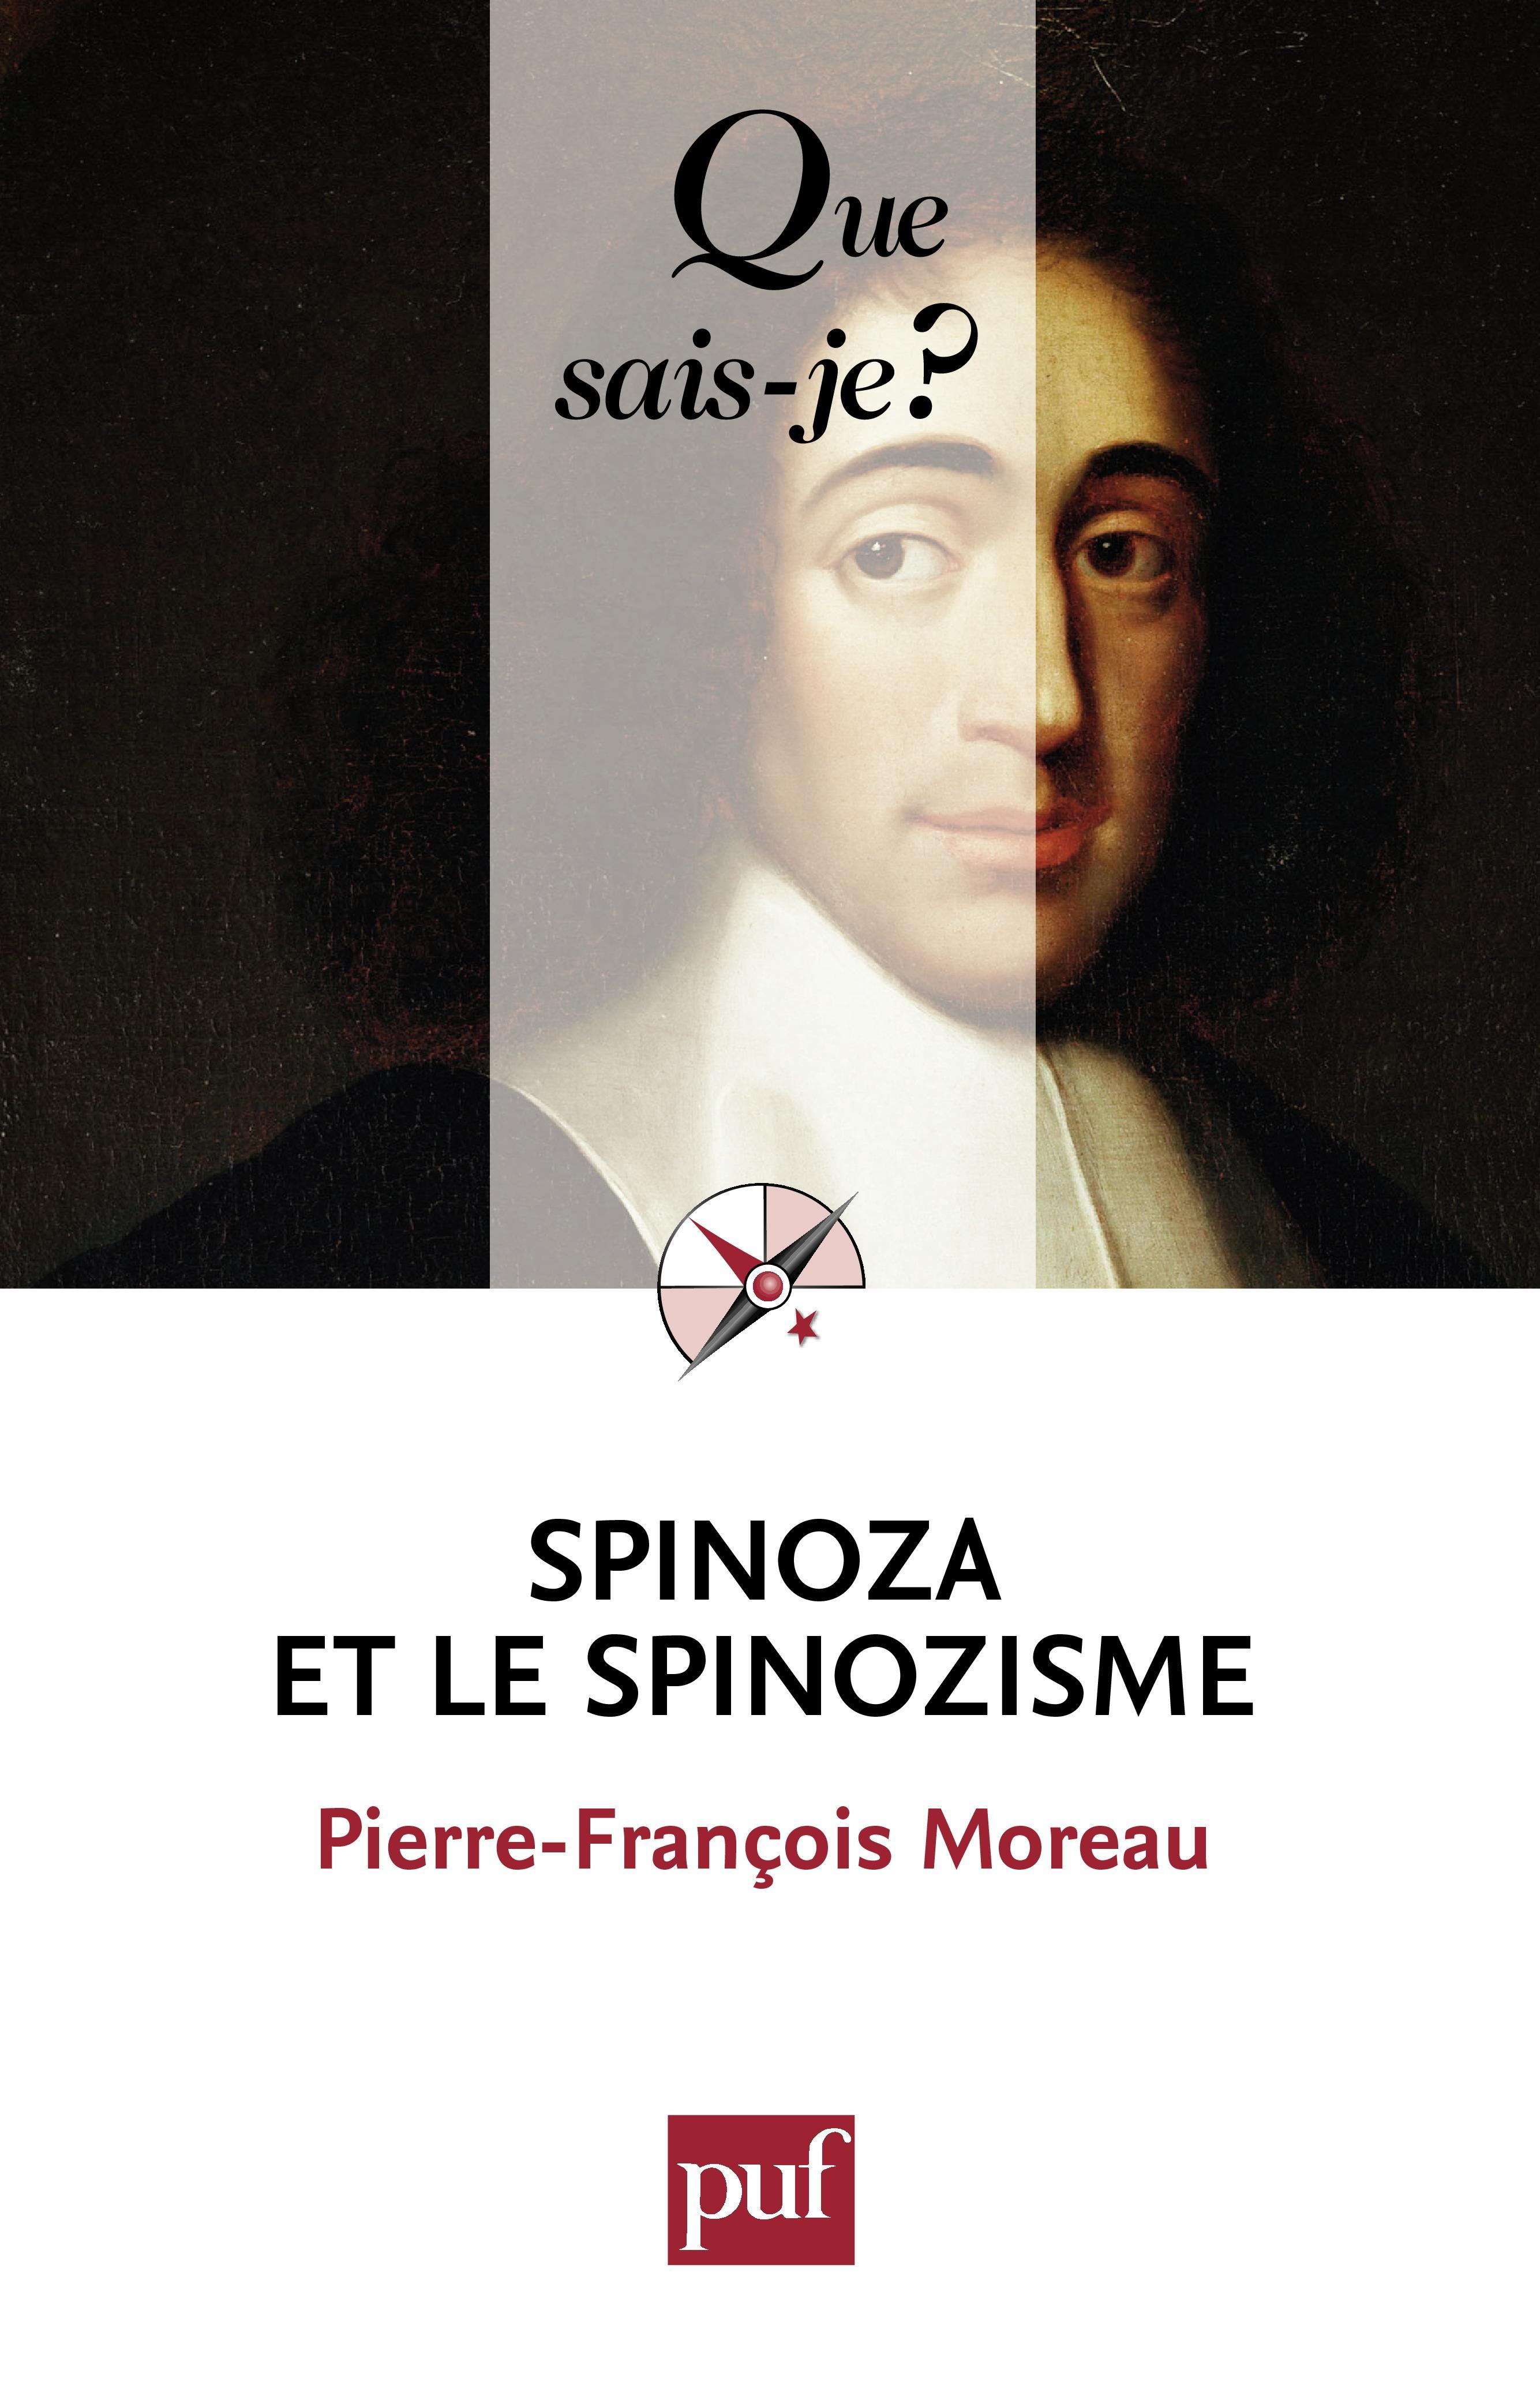 Pierre-François Moreau Spinoza et le spinozisme